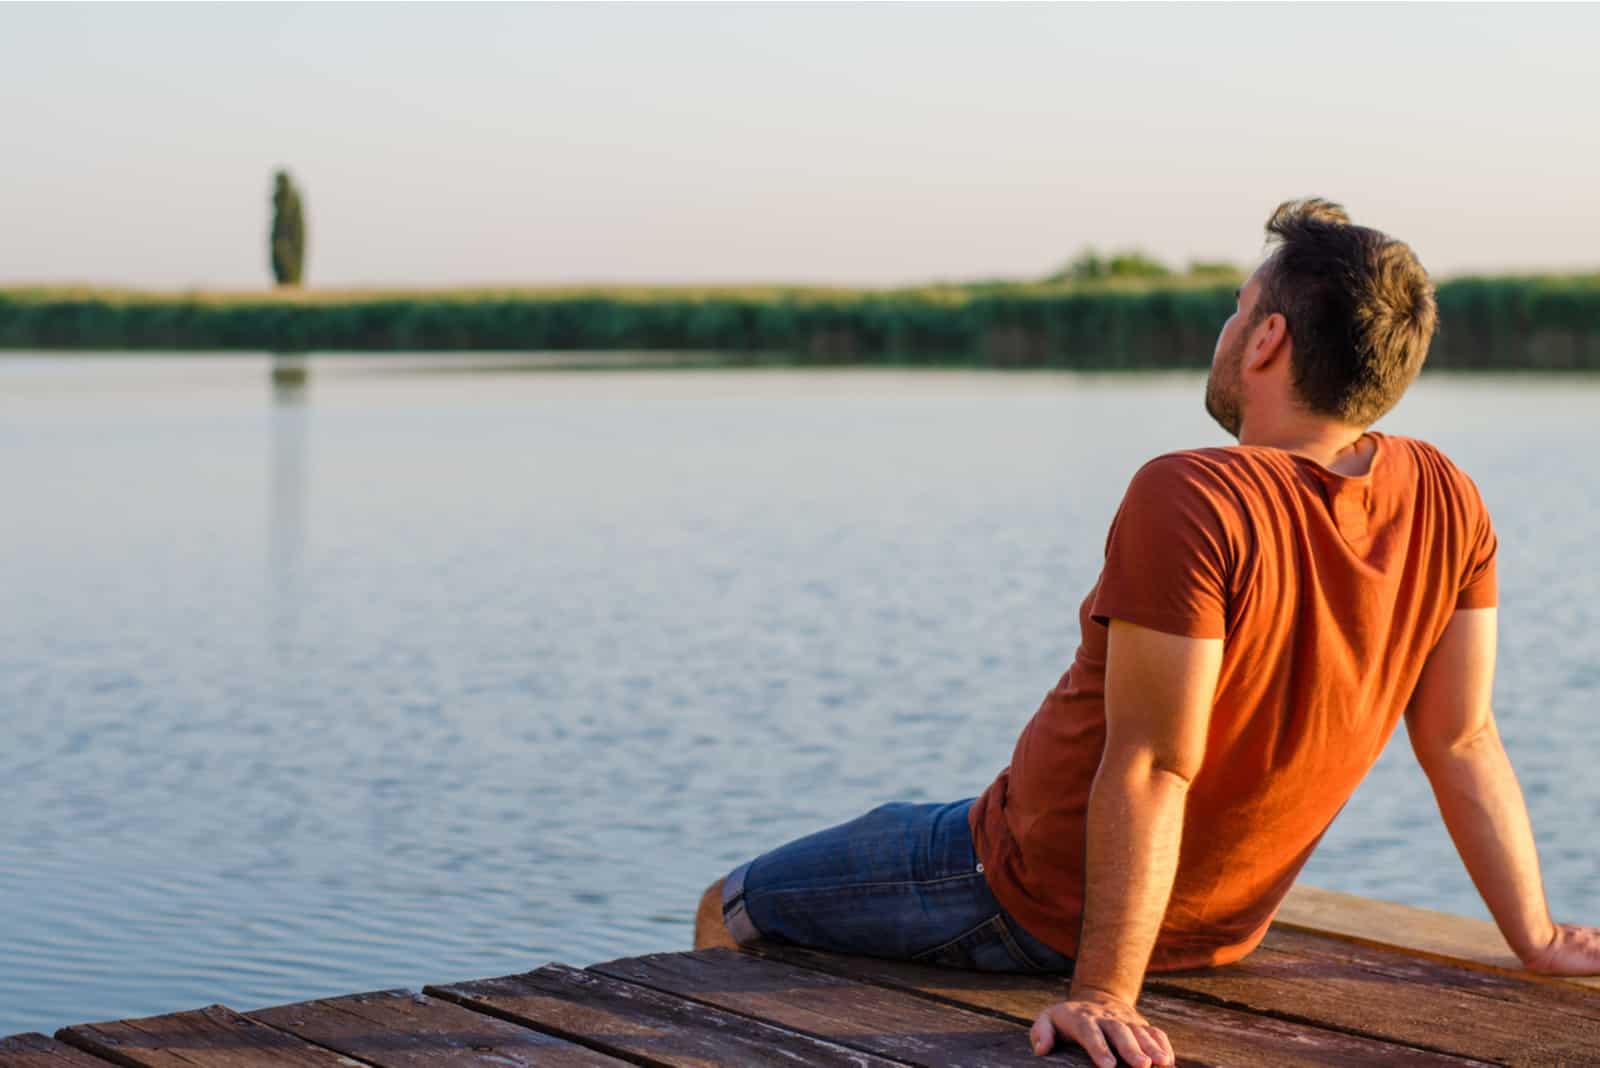 homme assis se détendre et profiter de la vue sur la belle nature